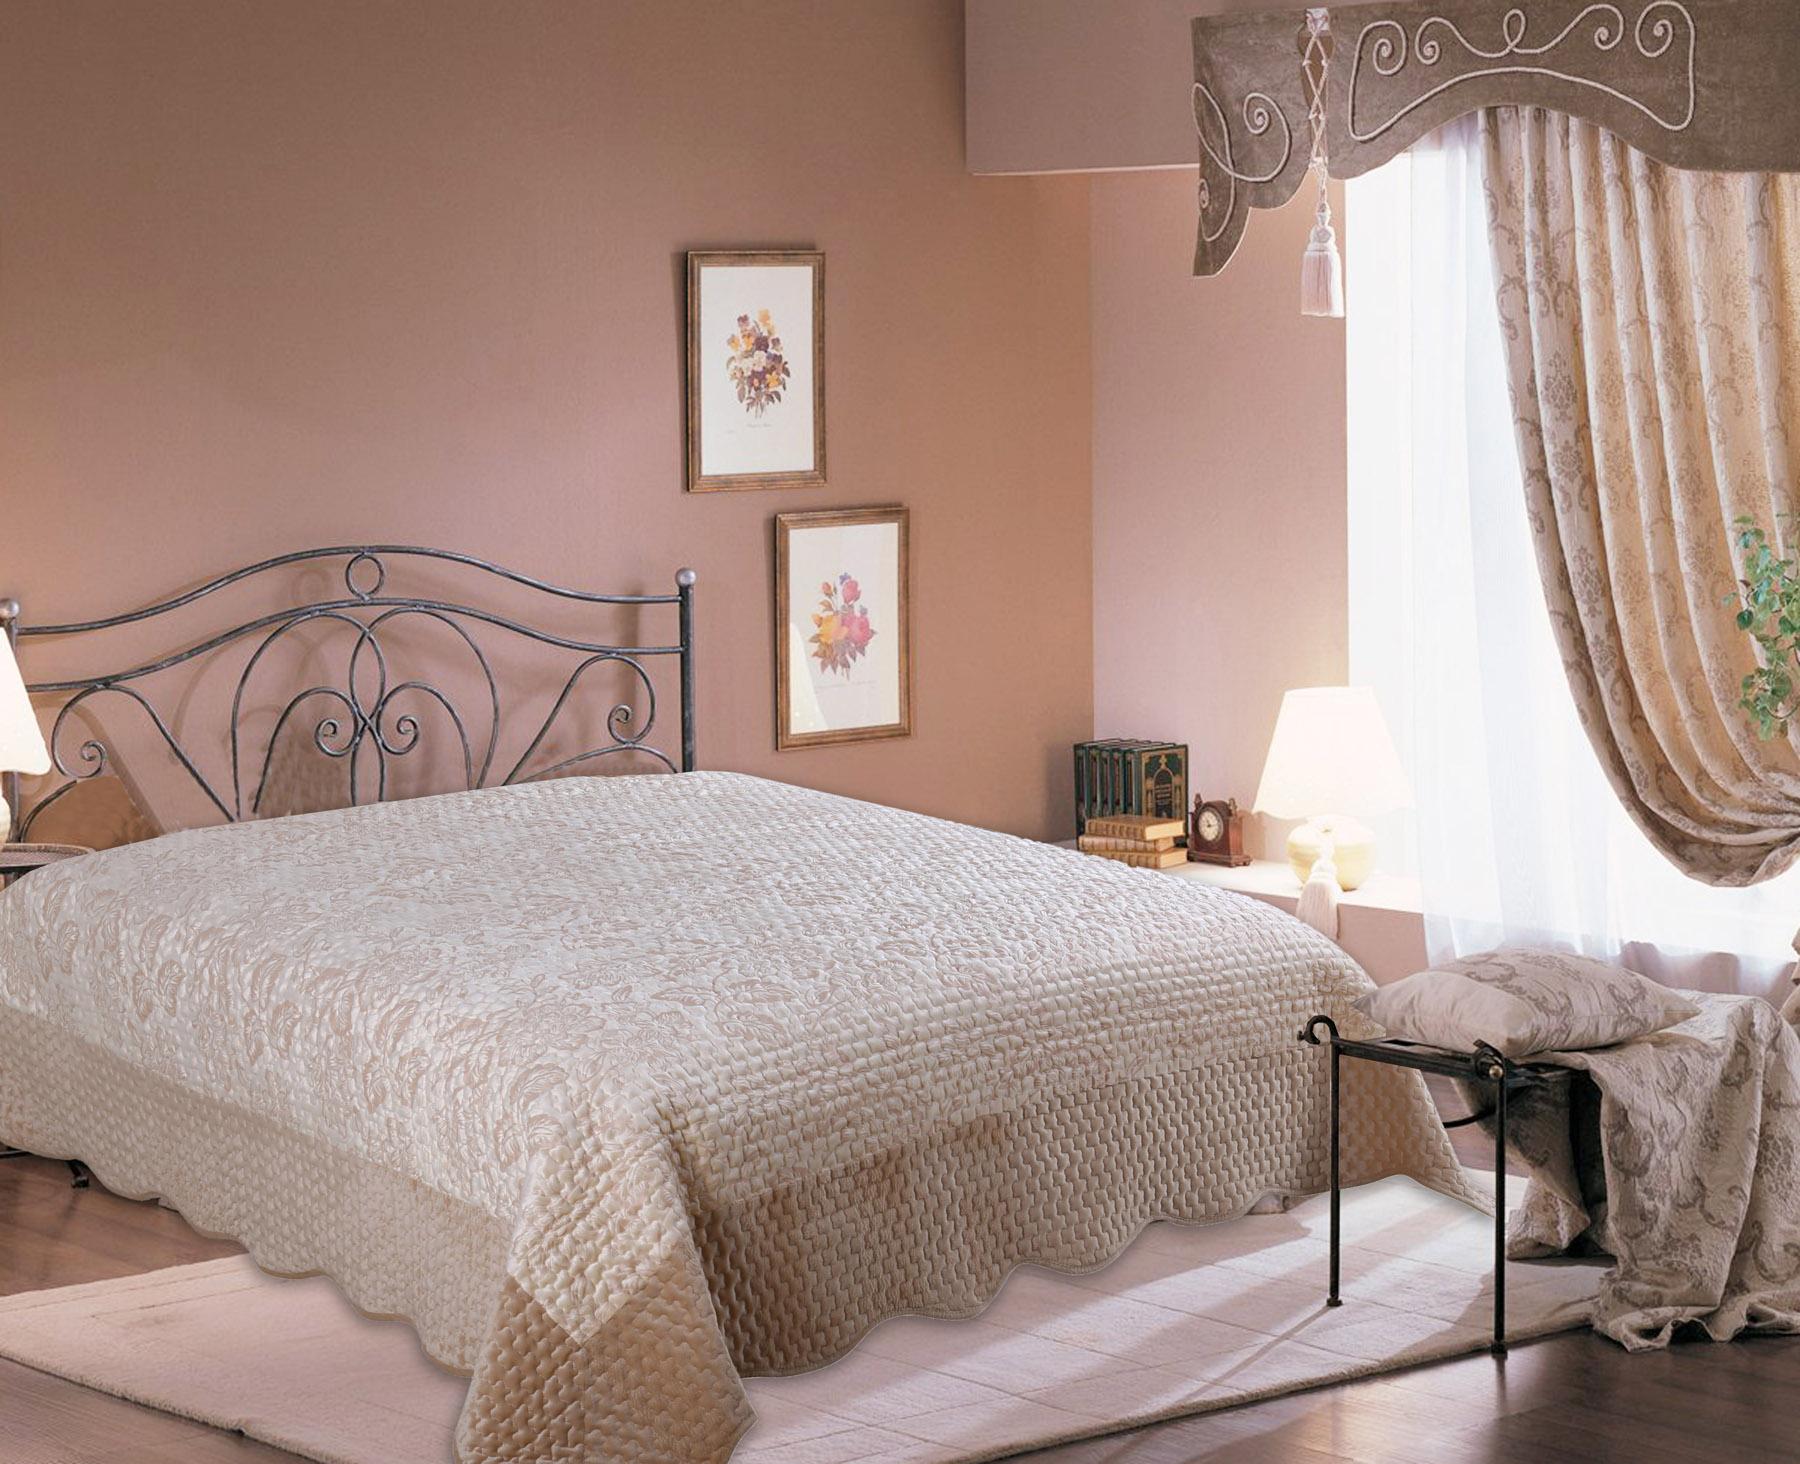 Купить Пледы и покрывала Amore Mio, Покрывало Valensia (220х240 см), Китай, Бежевый, Синтетический сатин, Синтетический велюр